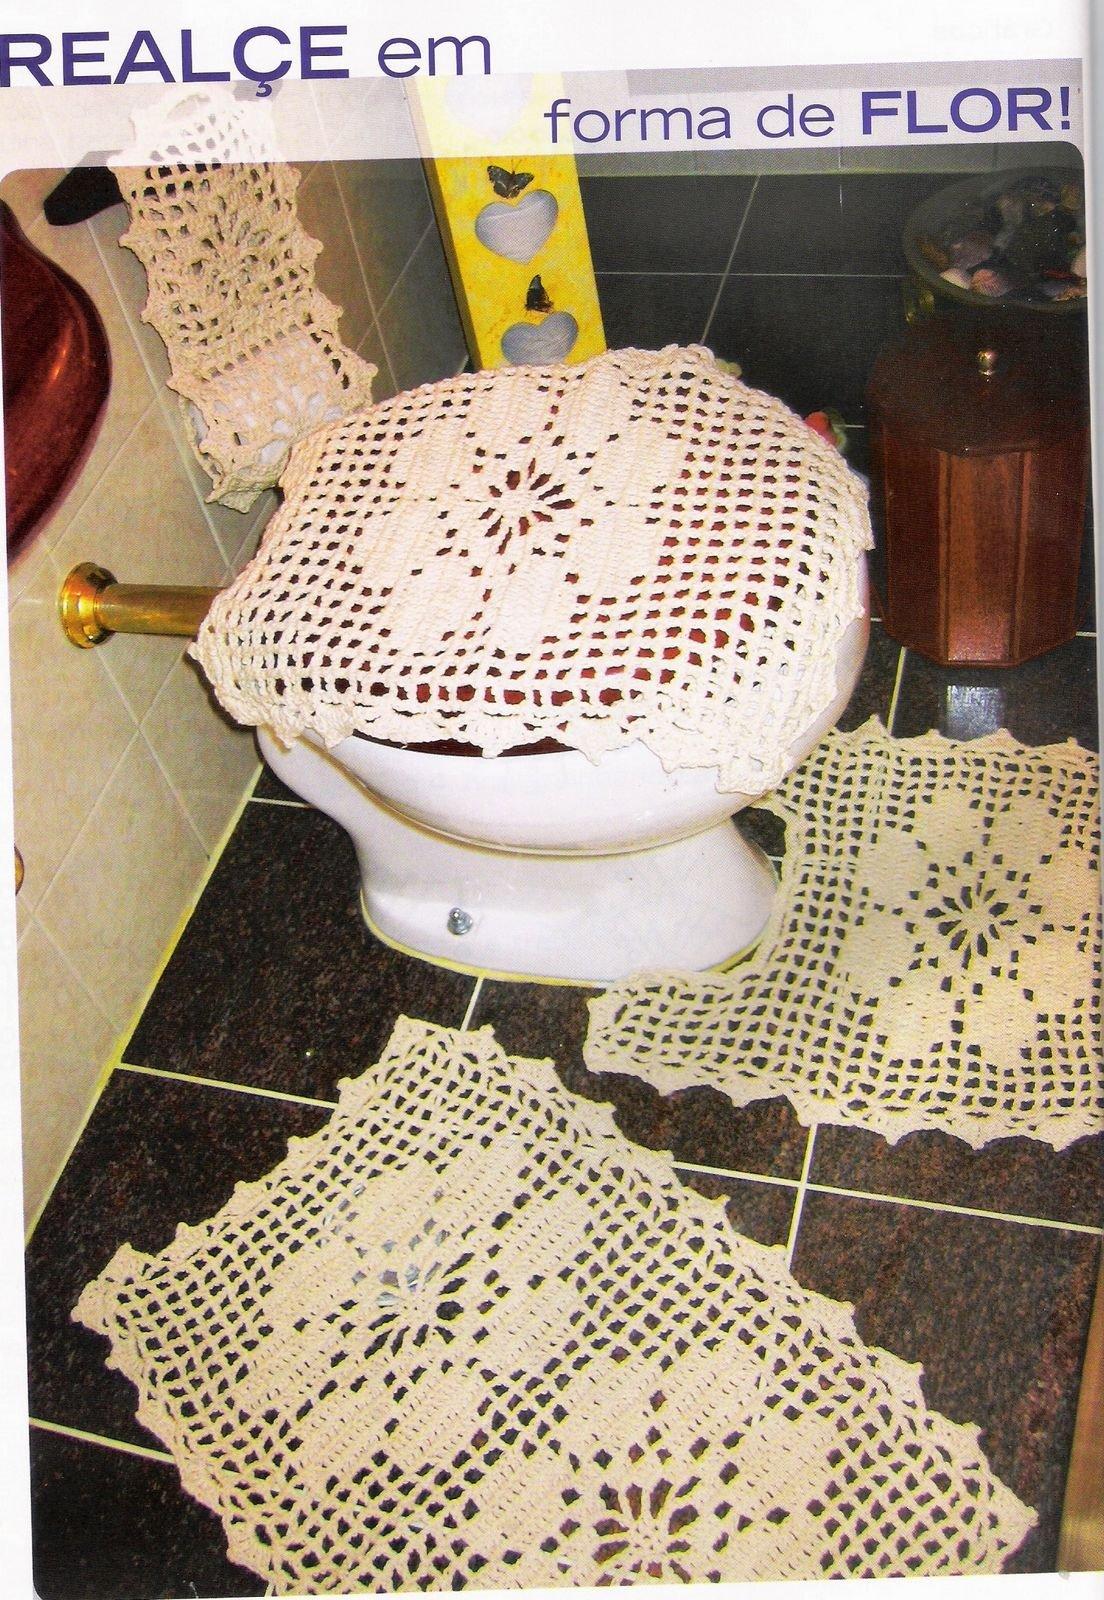 Juegos De Baño Sencillos:Juegos De Banos Tejidos En Crochet